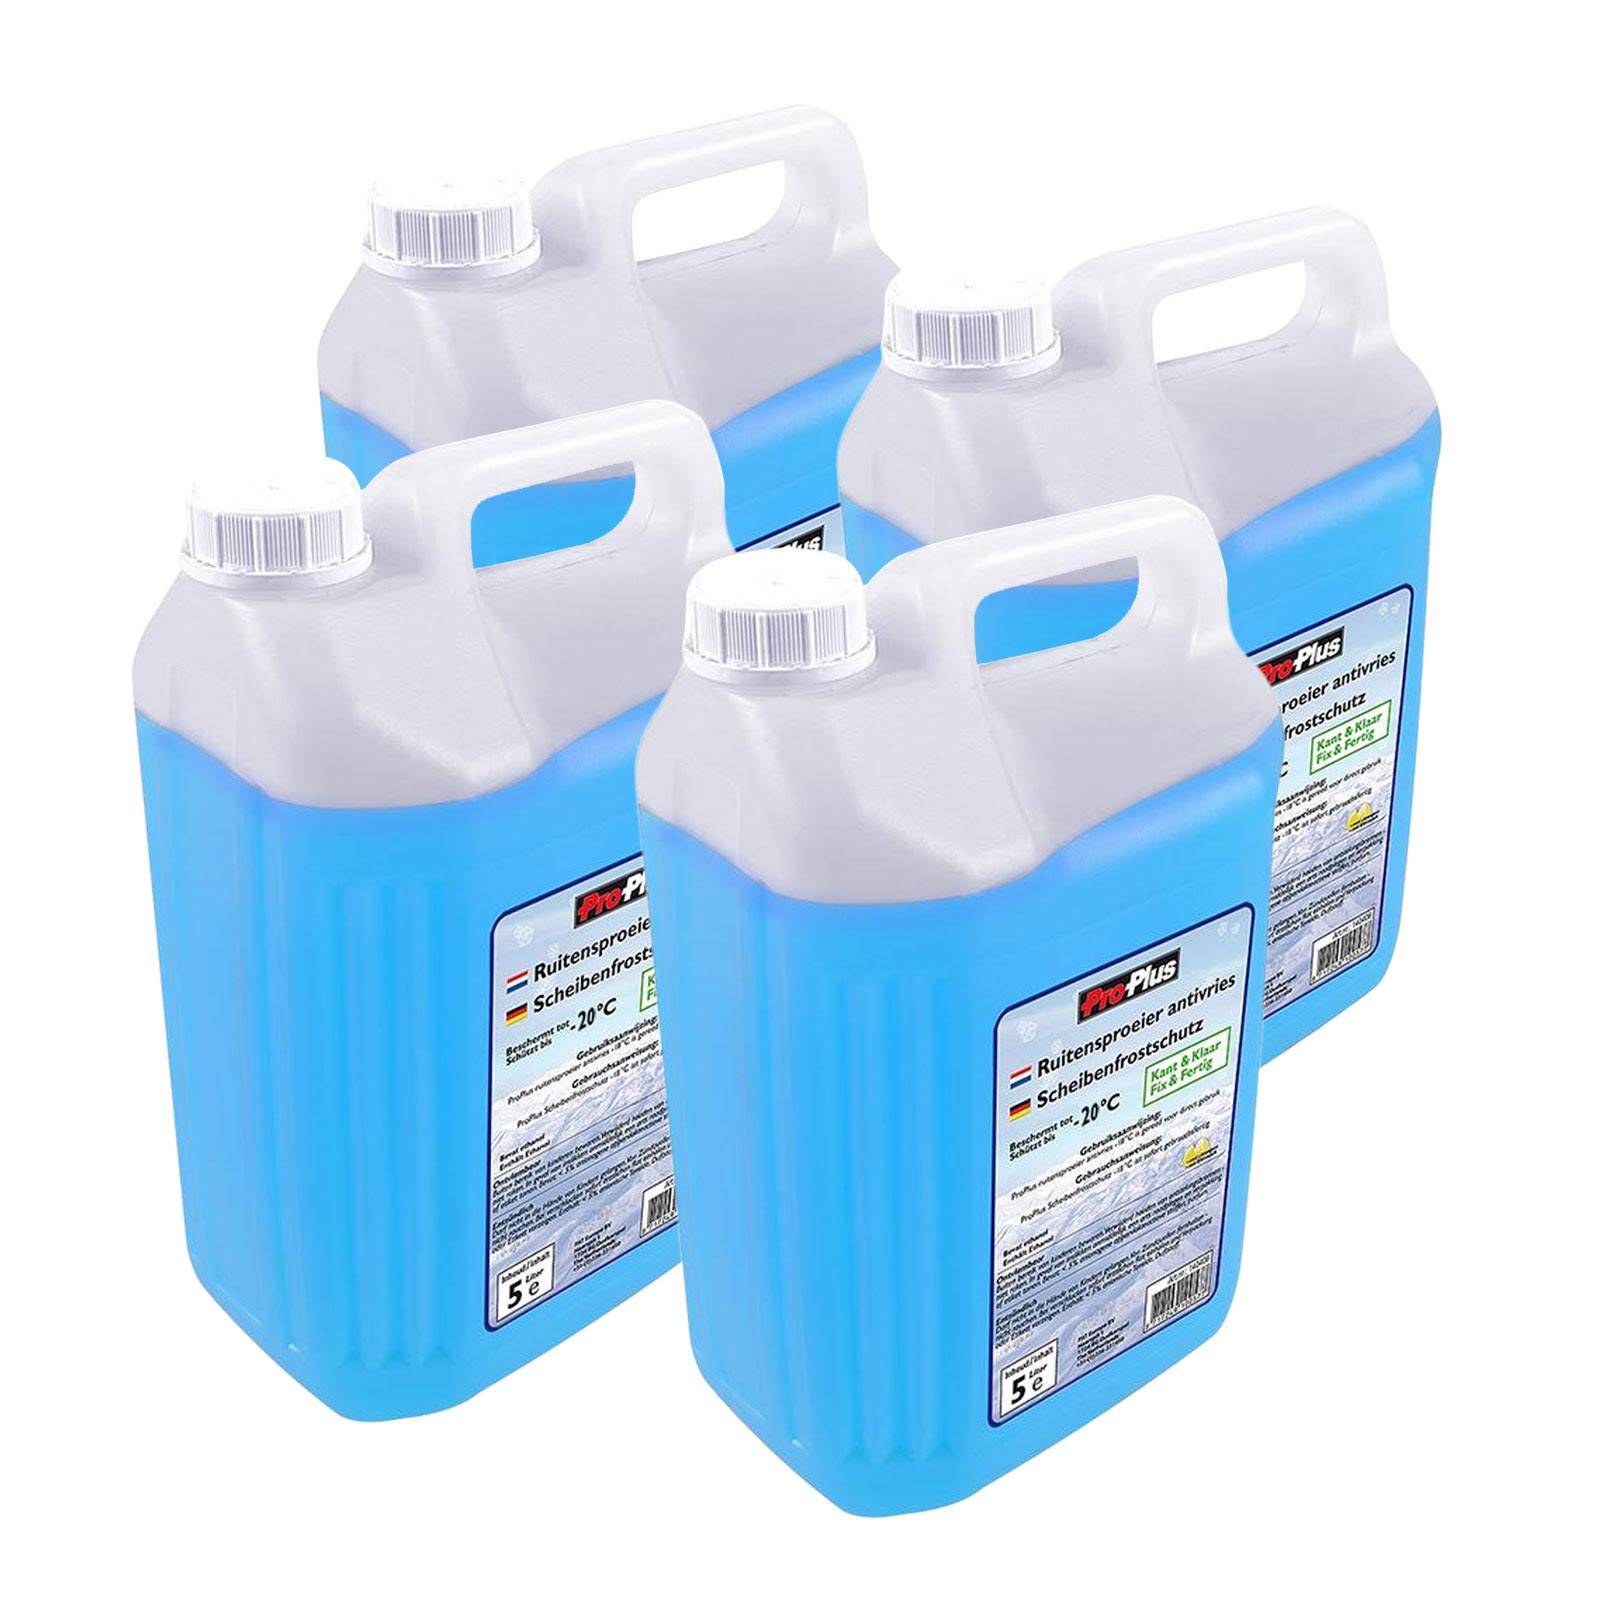 Scheibenfrostschutz gebrauchsfertig 4x 5 Ltr bis -20 Grad blau